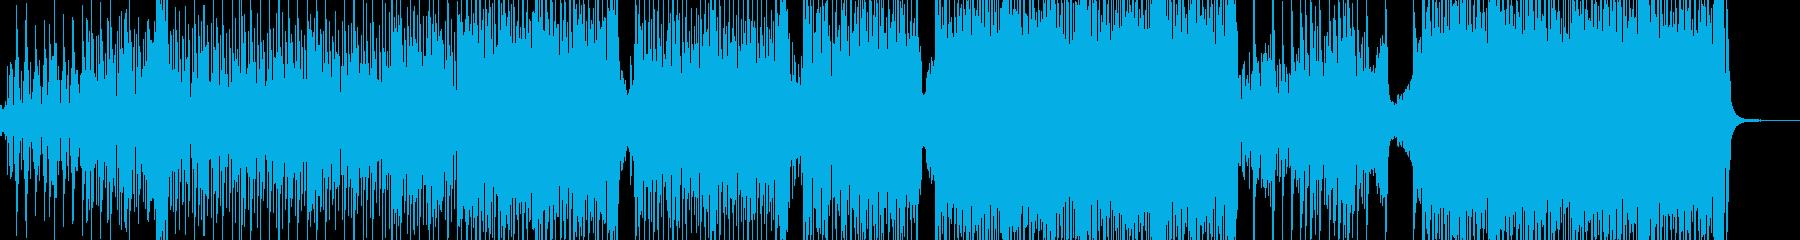 弱肉強食・原始時代イメージのテクノ B3の再生済みの波形